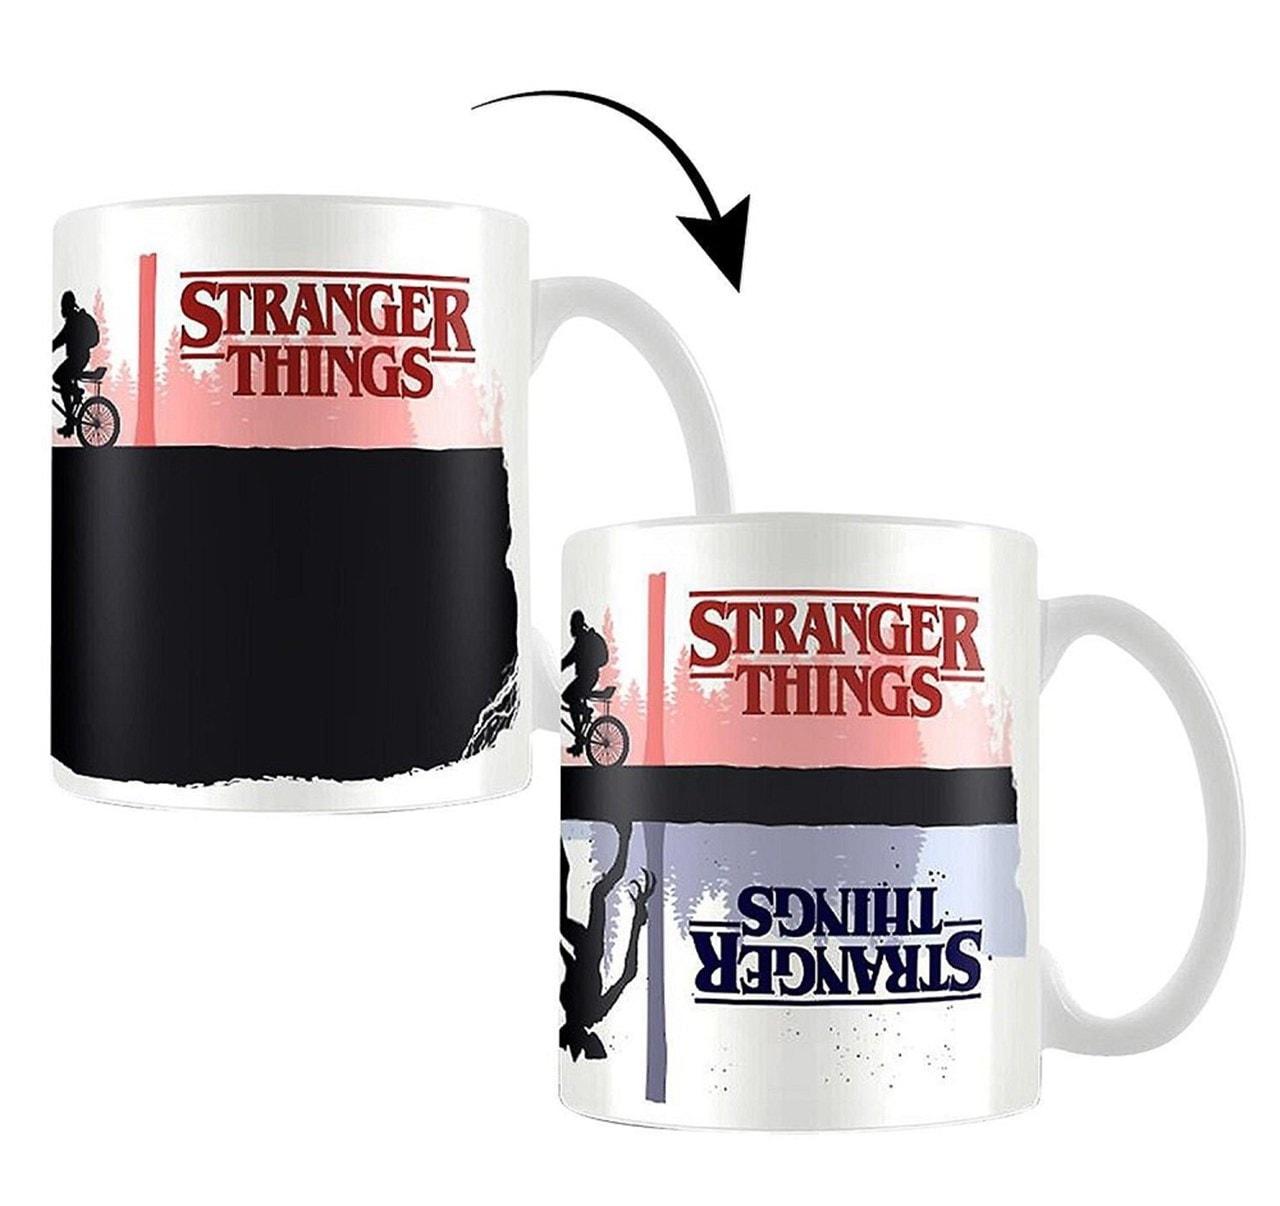 Stranger Things: Upside Down Heat Change Mug - 1